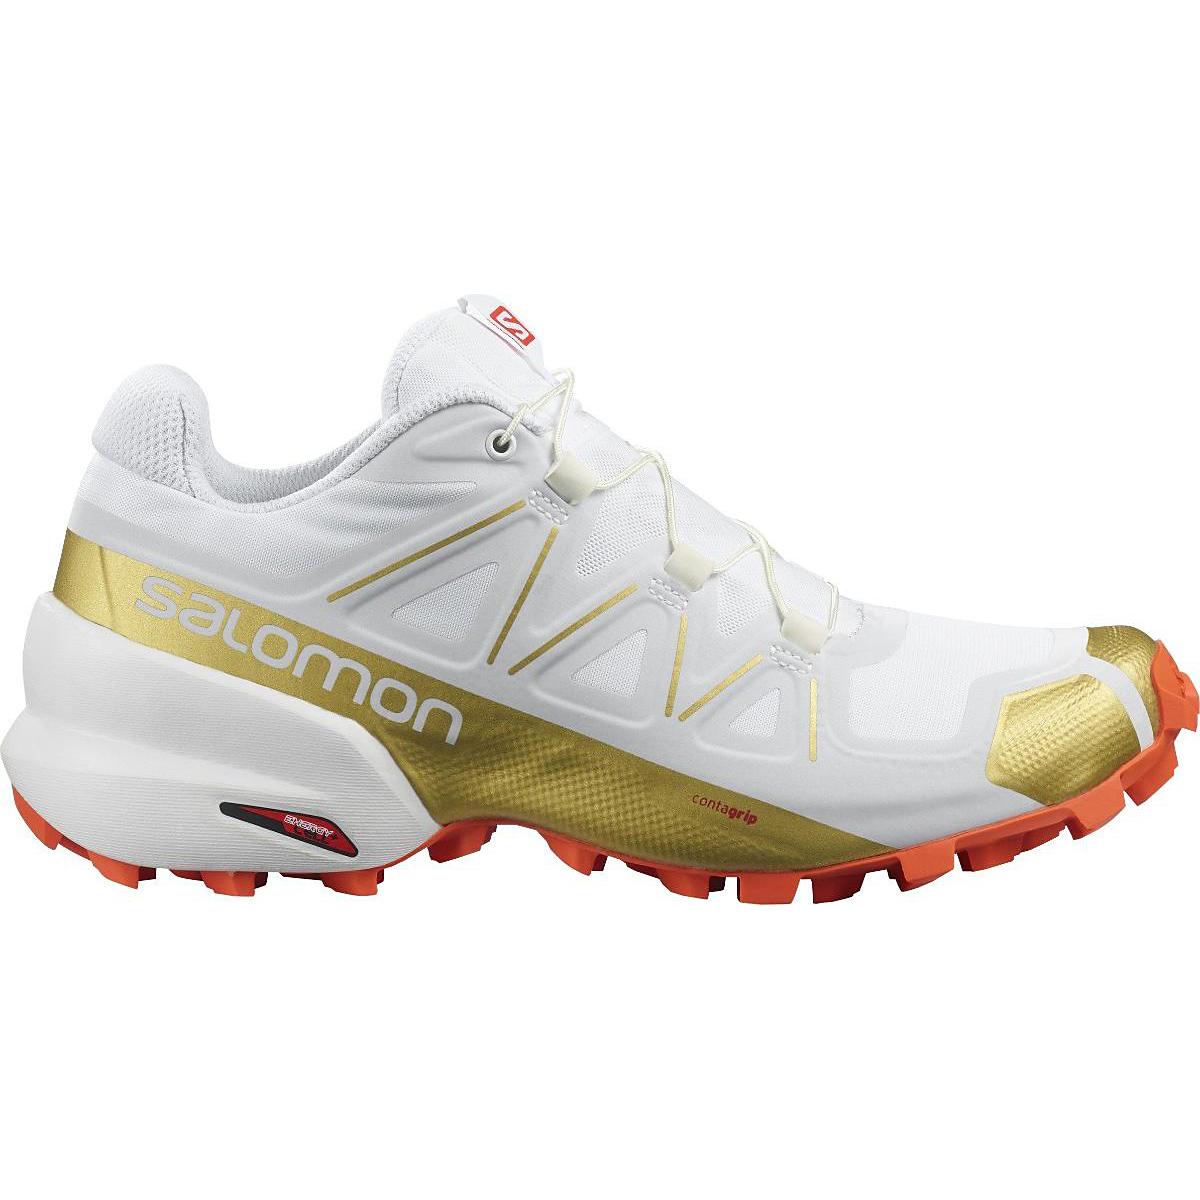 Women's Salomon Speedcross 5 Trail Running Shoe - Color: White/White - Size: 5 - Width: Regular, White/White, large, image 1